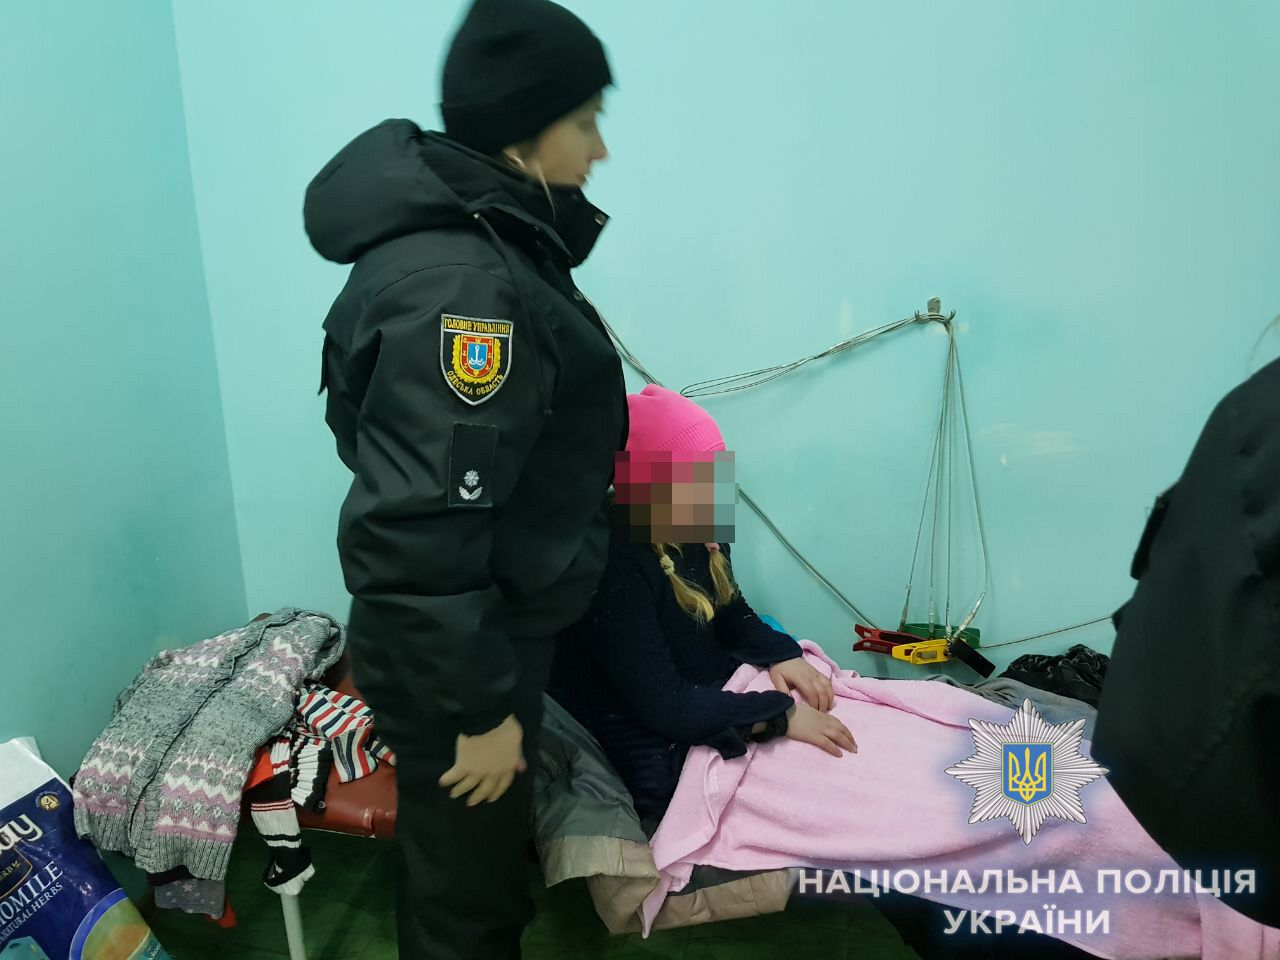 Изнасиловал 11-летнюю и бросил умирать: под Одессой задержан педофил